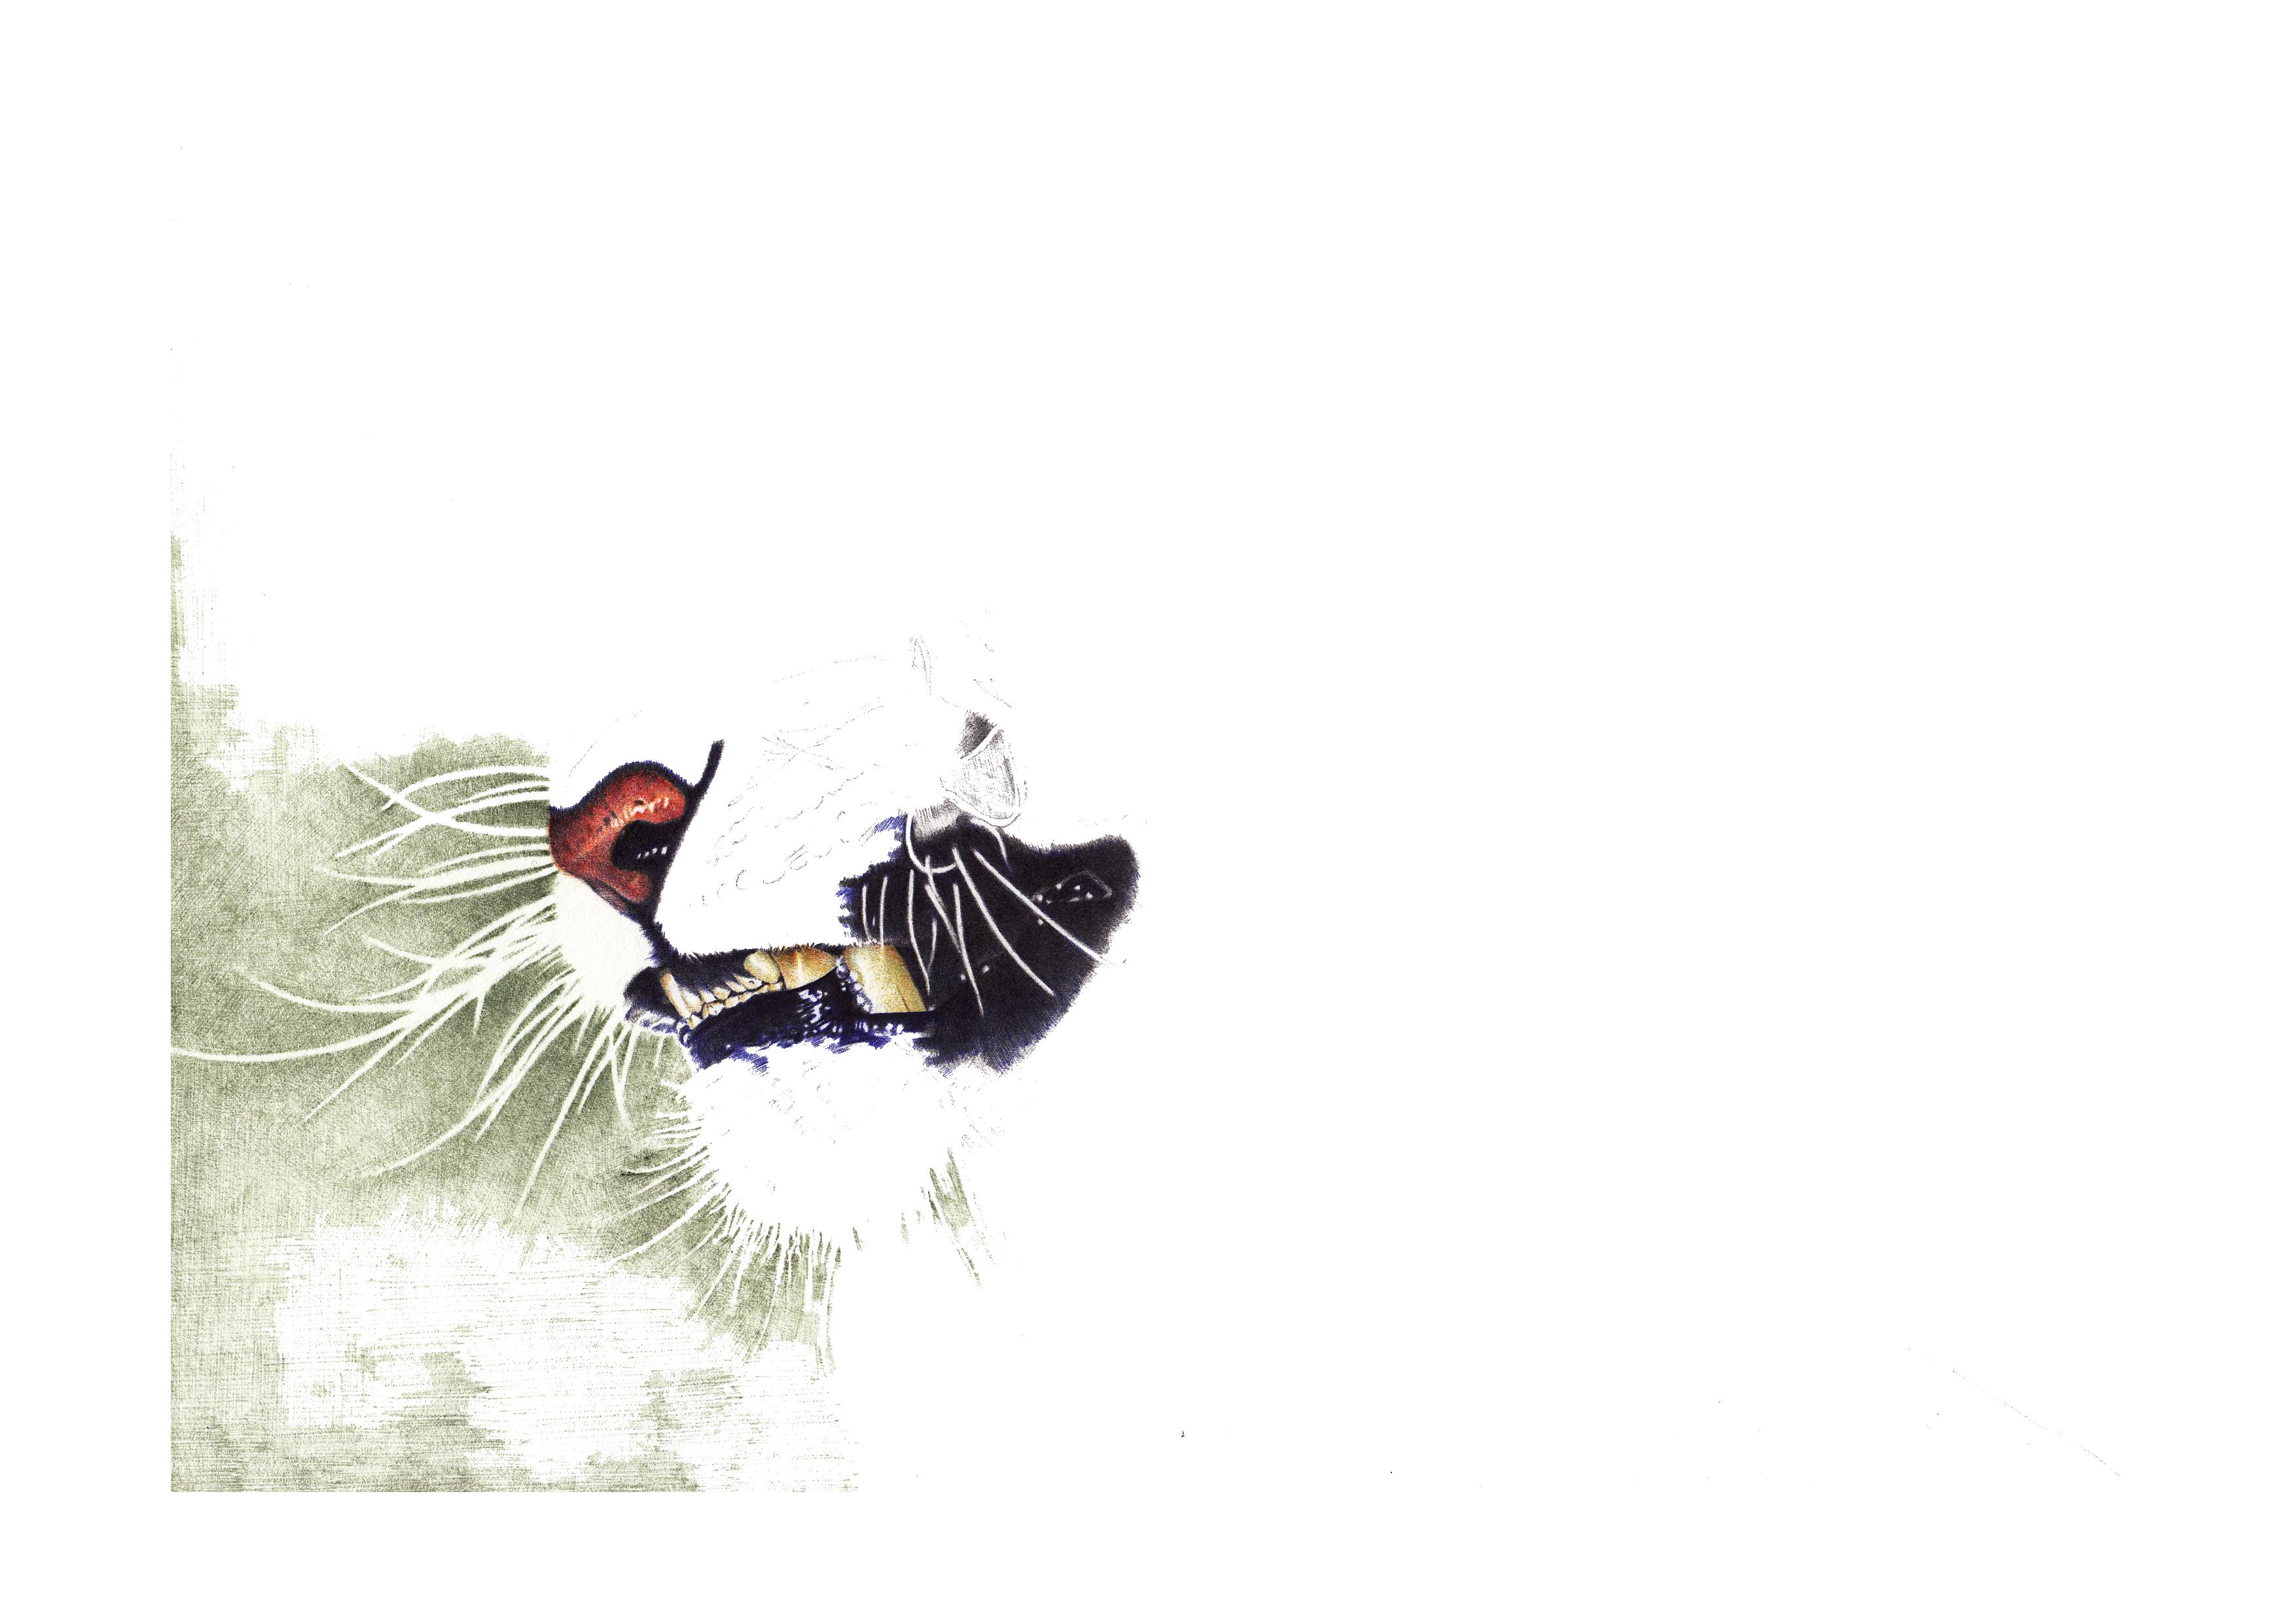 y_lovely 写实 绘老虎步骤纯彩色圆珠笔 狰 2014.12.25 雨天 毕